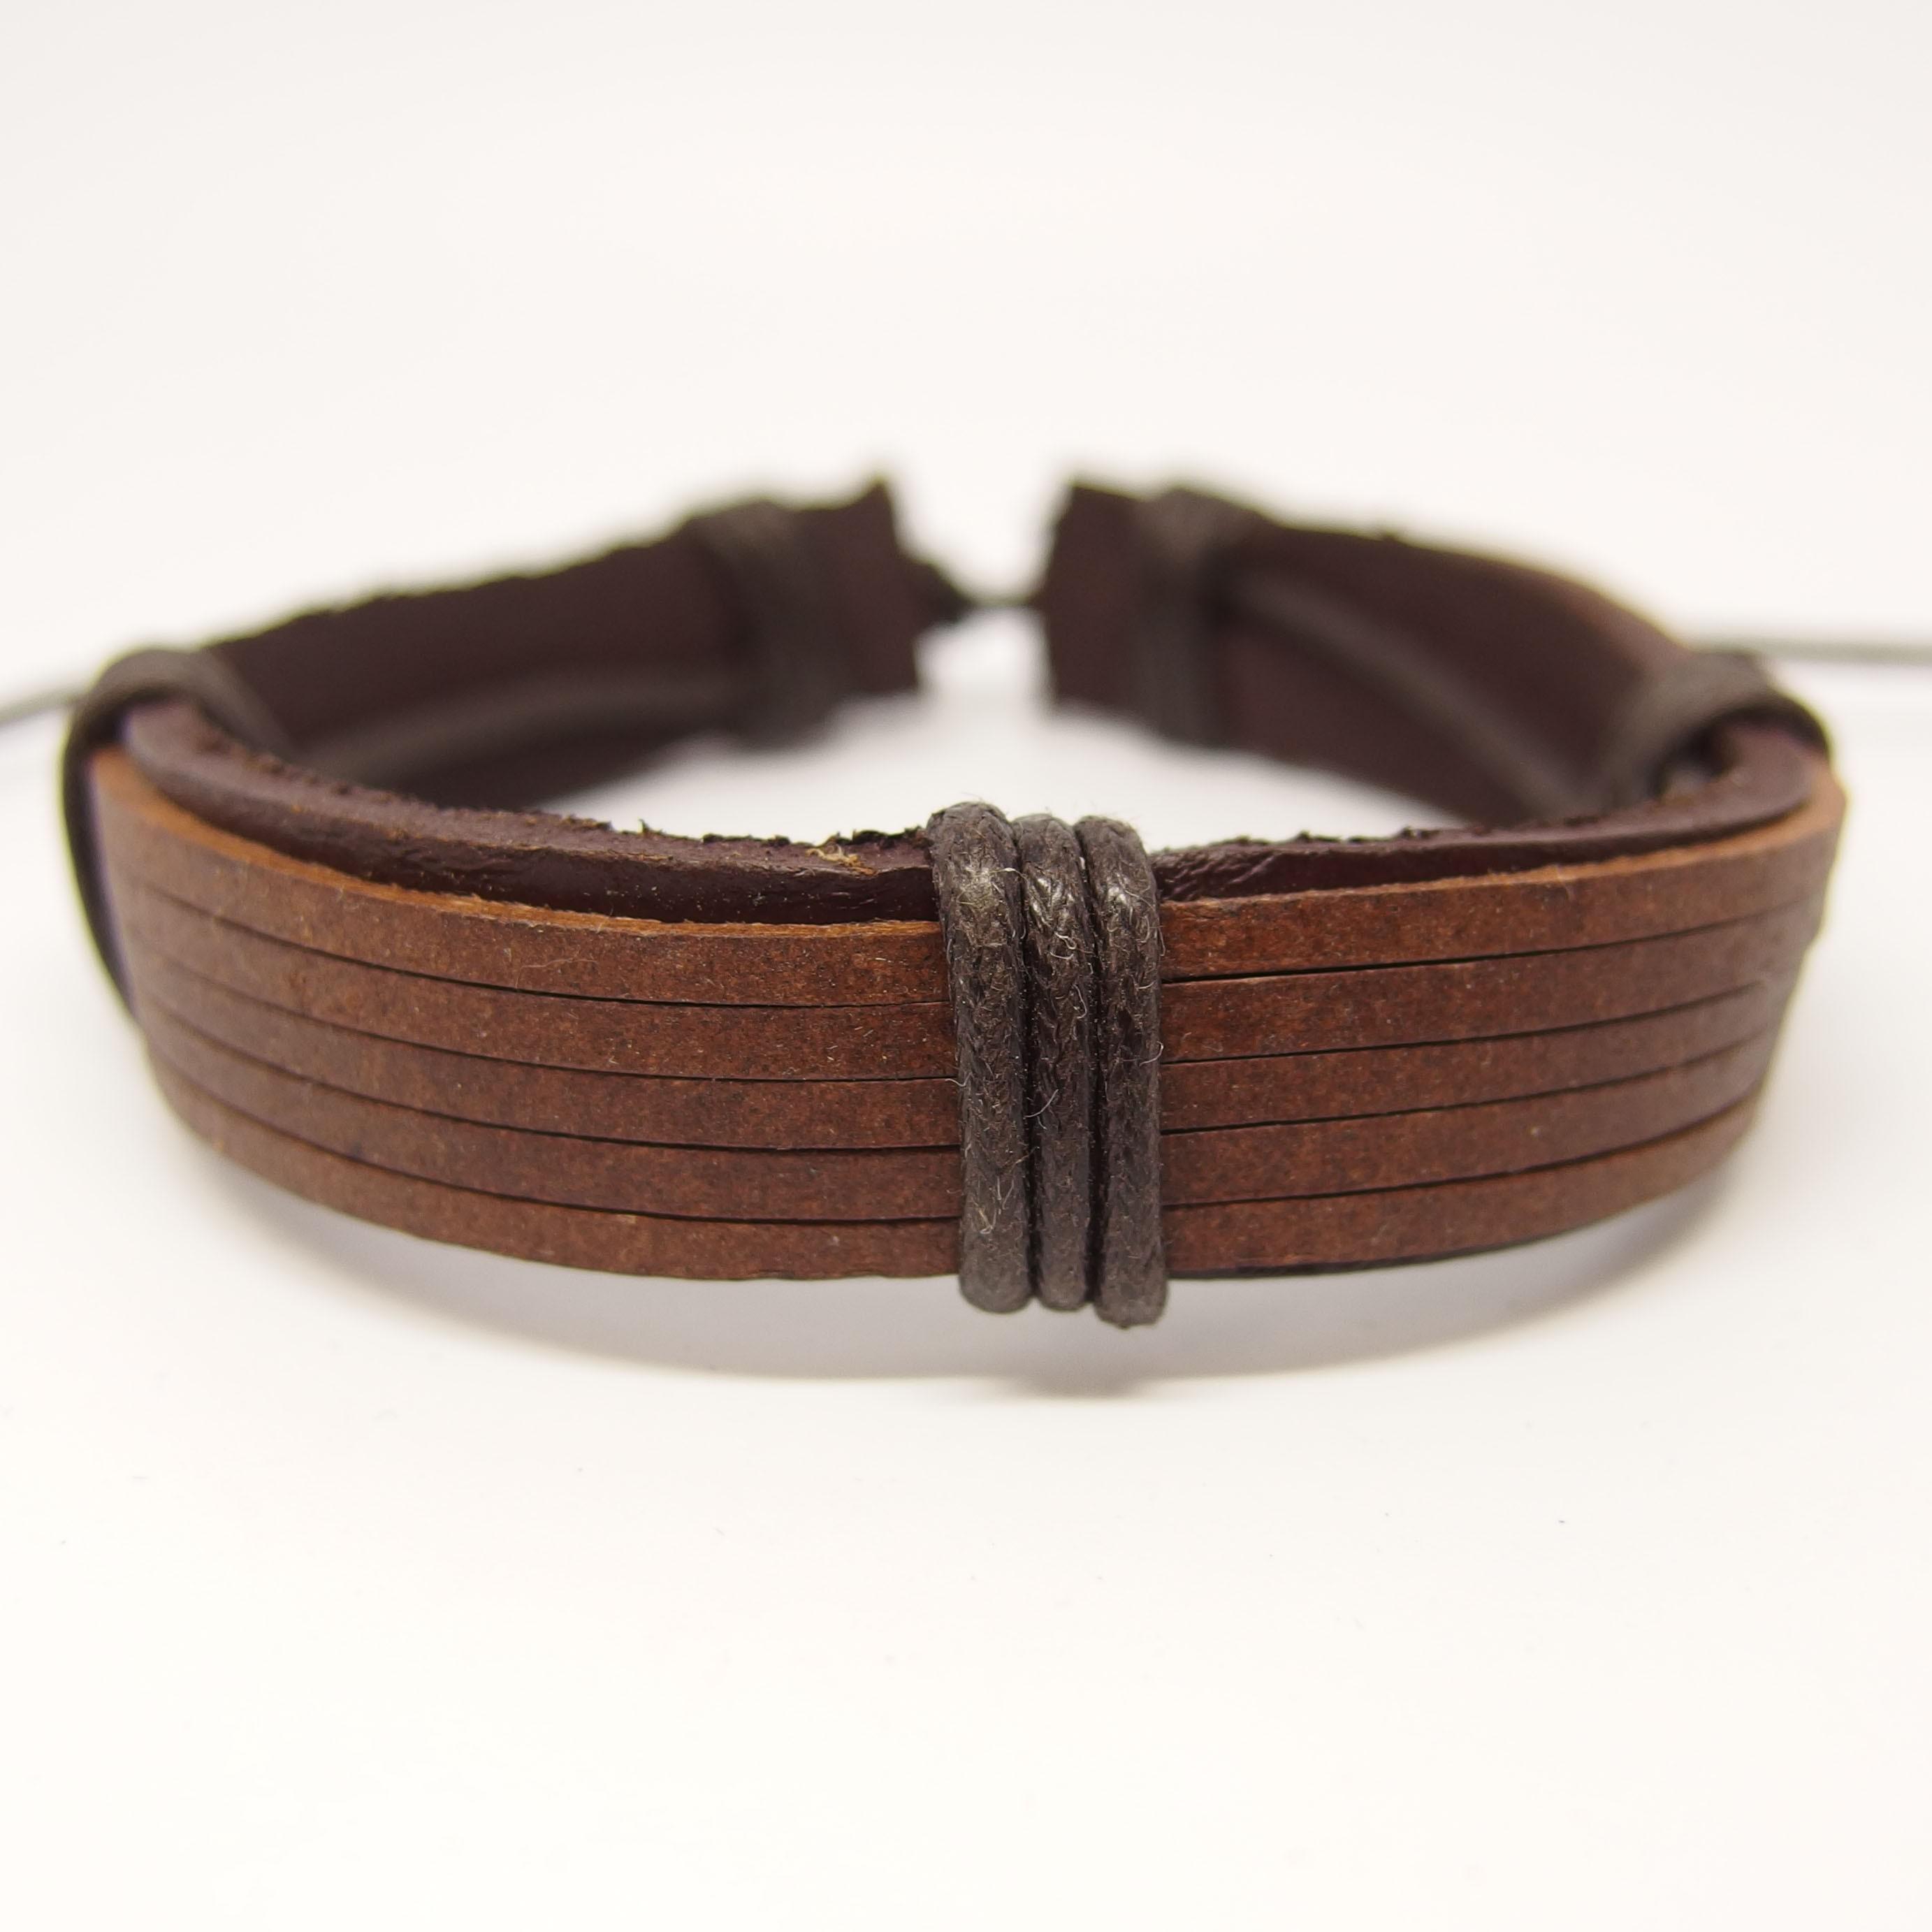 AB110 - Leder Armbänder braun